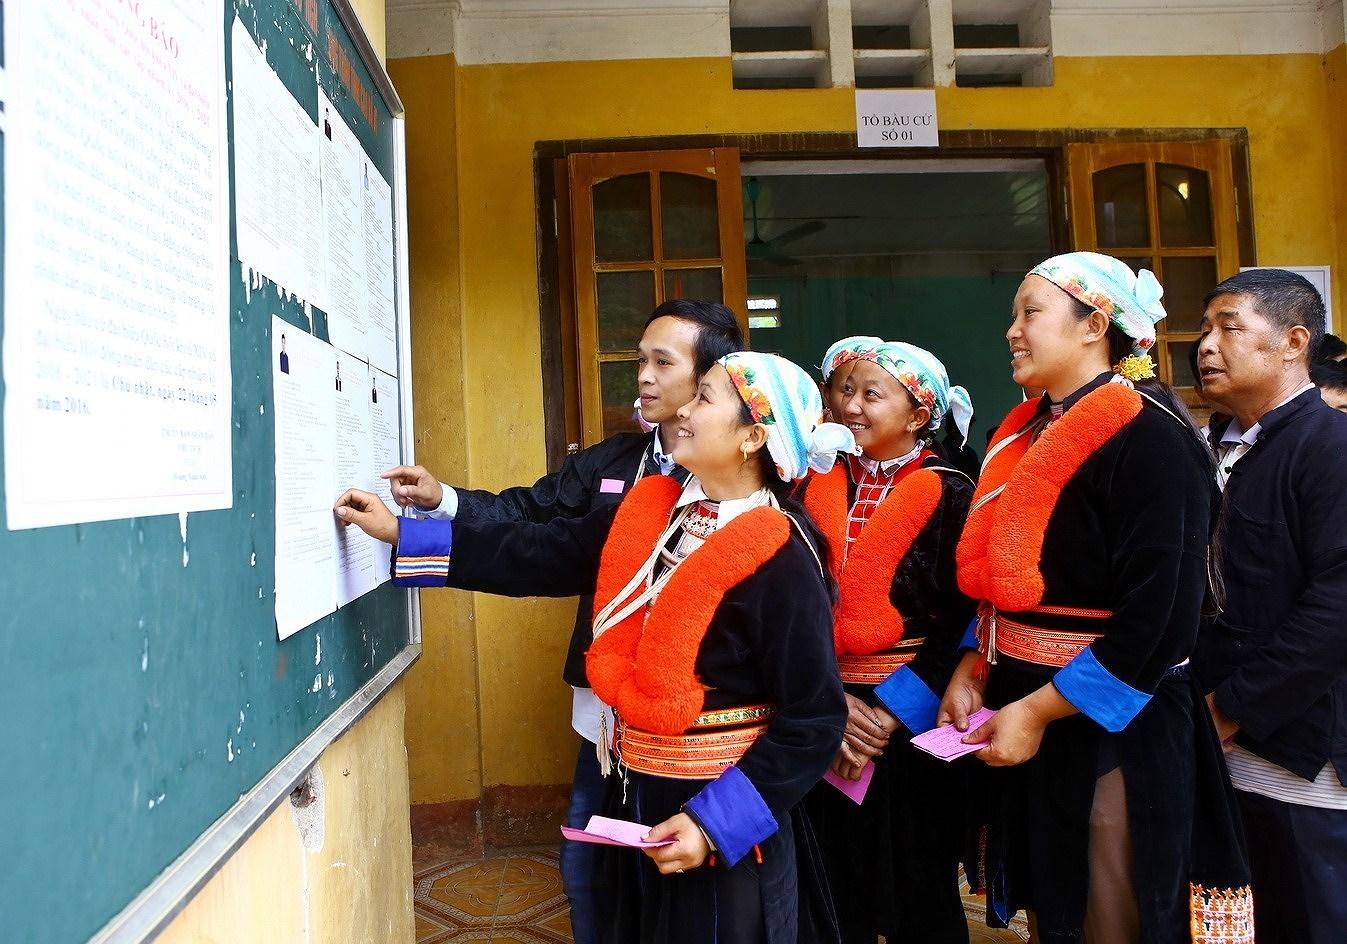 Выборы депутатов Национального Собрания и депутатов Народных Советов всех уровнеи - Всенародныи праздник hinh anh 2